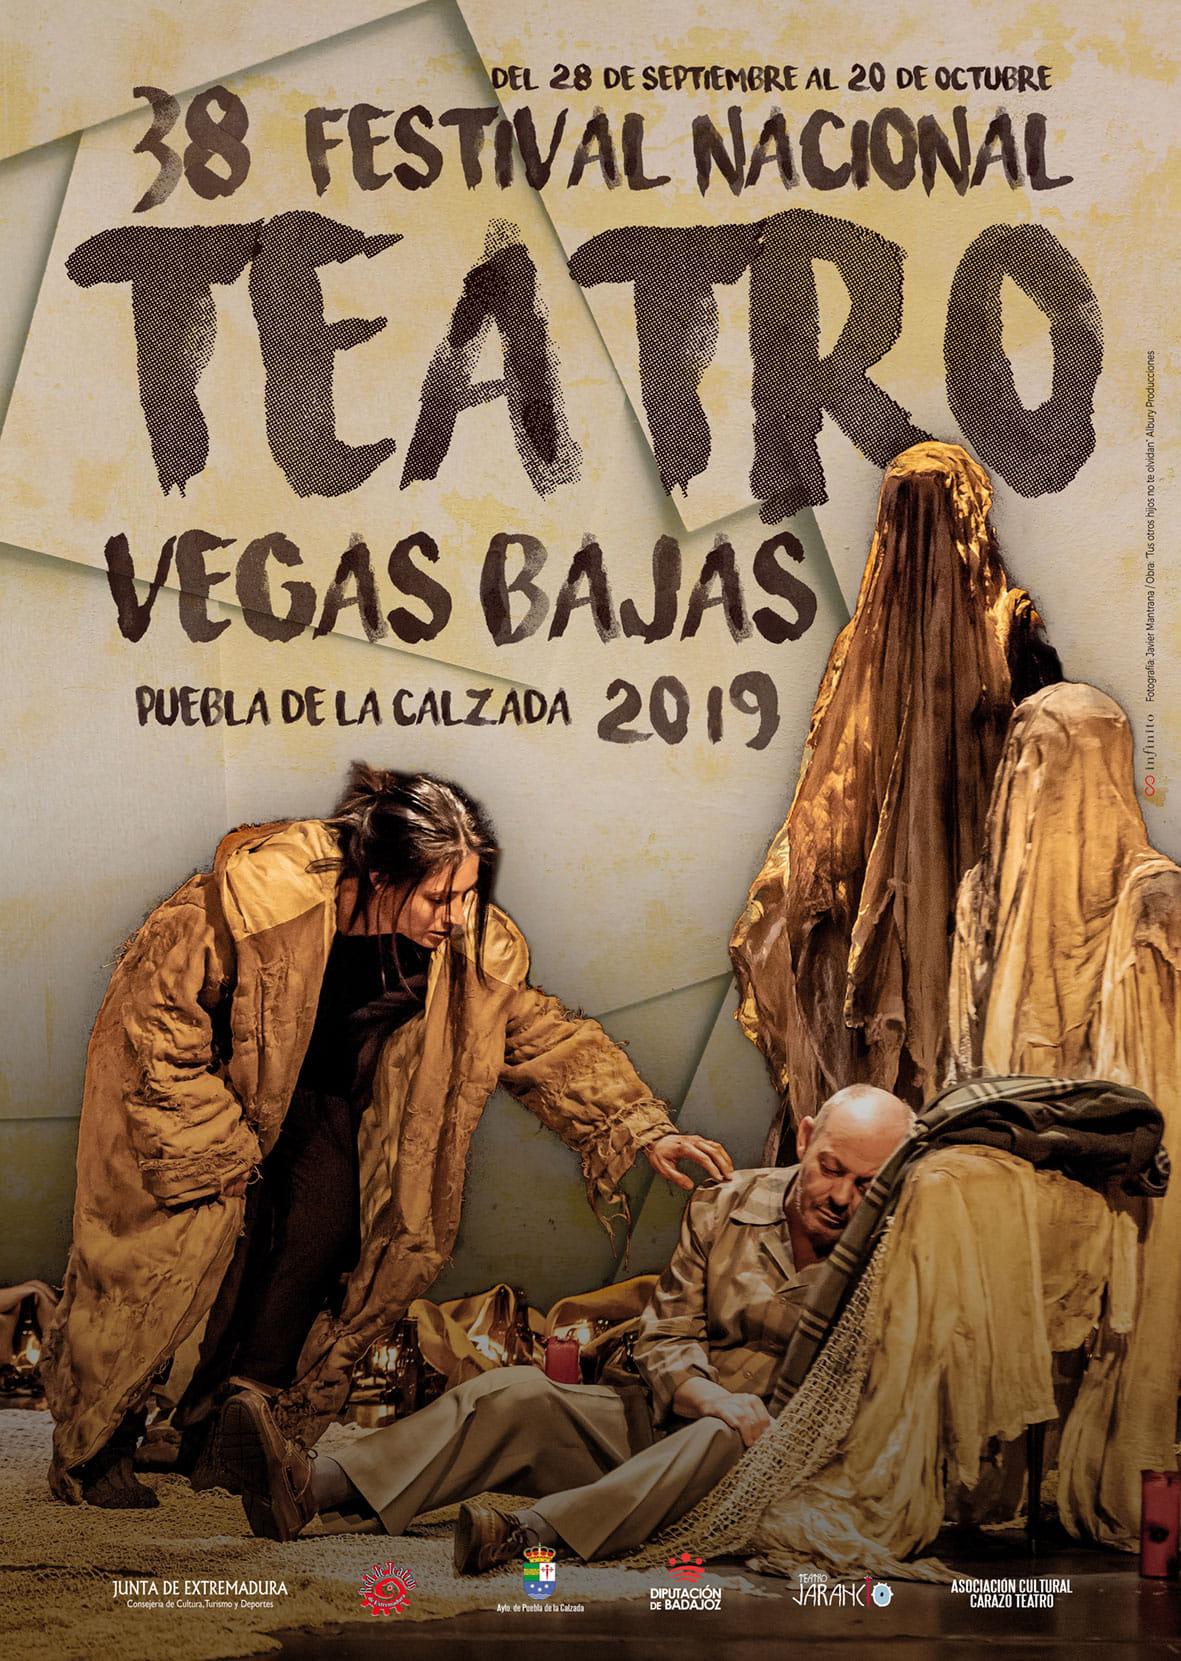 EL FESTIVAL NACIONAL DE TEATRO VEGAS BAJAS RECIBE EL PREMIO ROSA MARÍA GARCÍA CANO